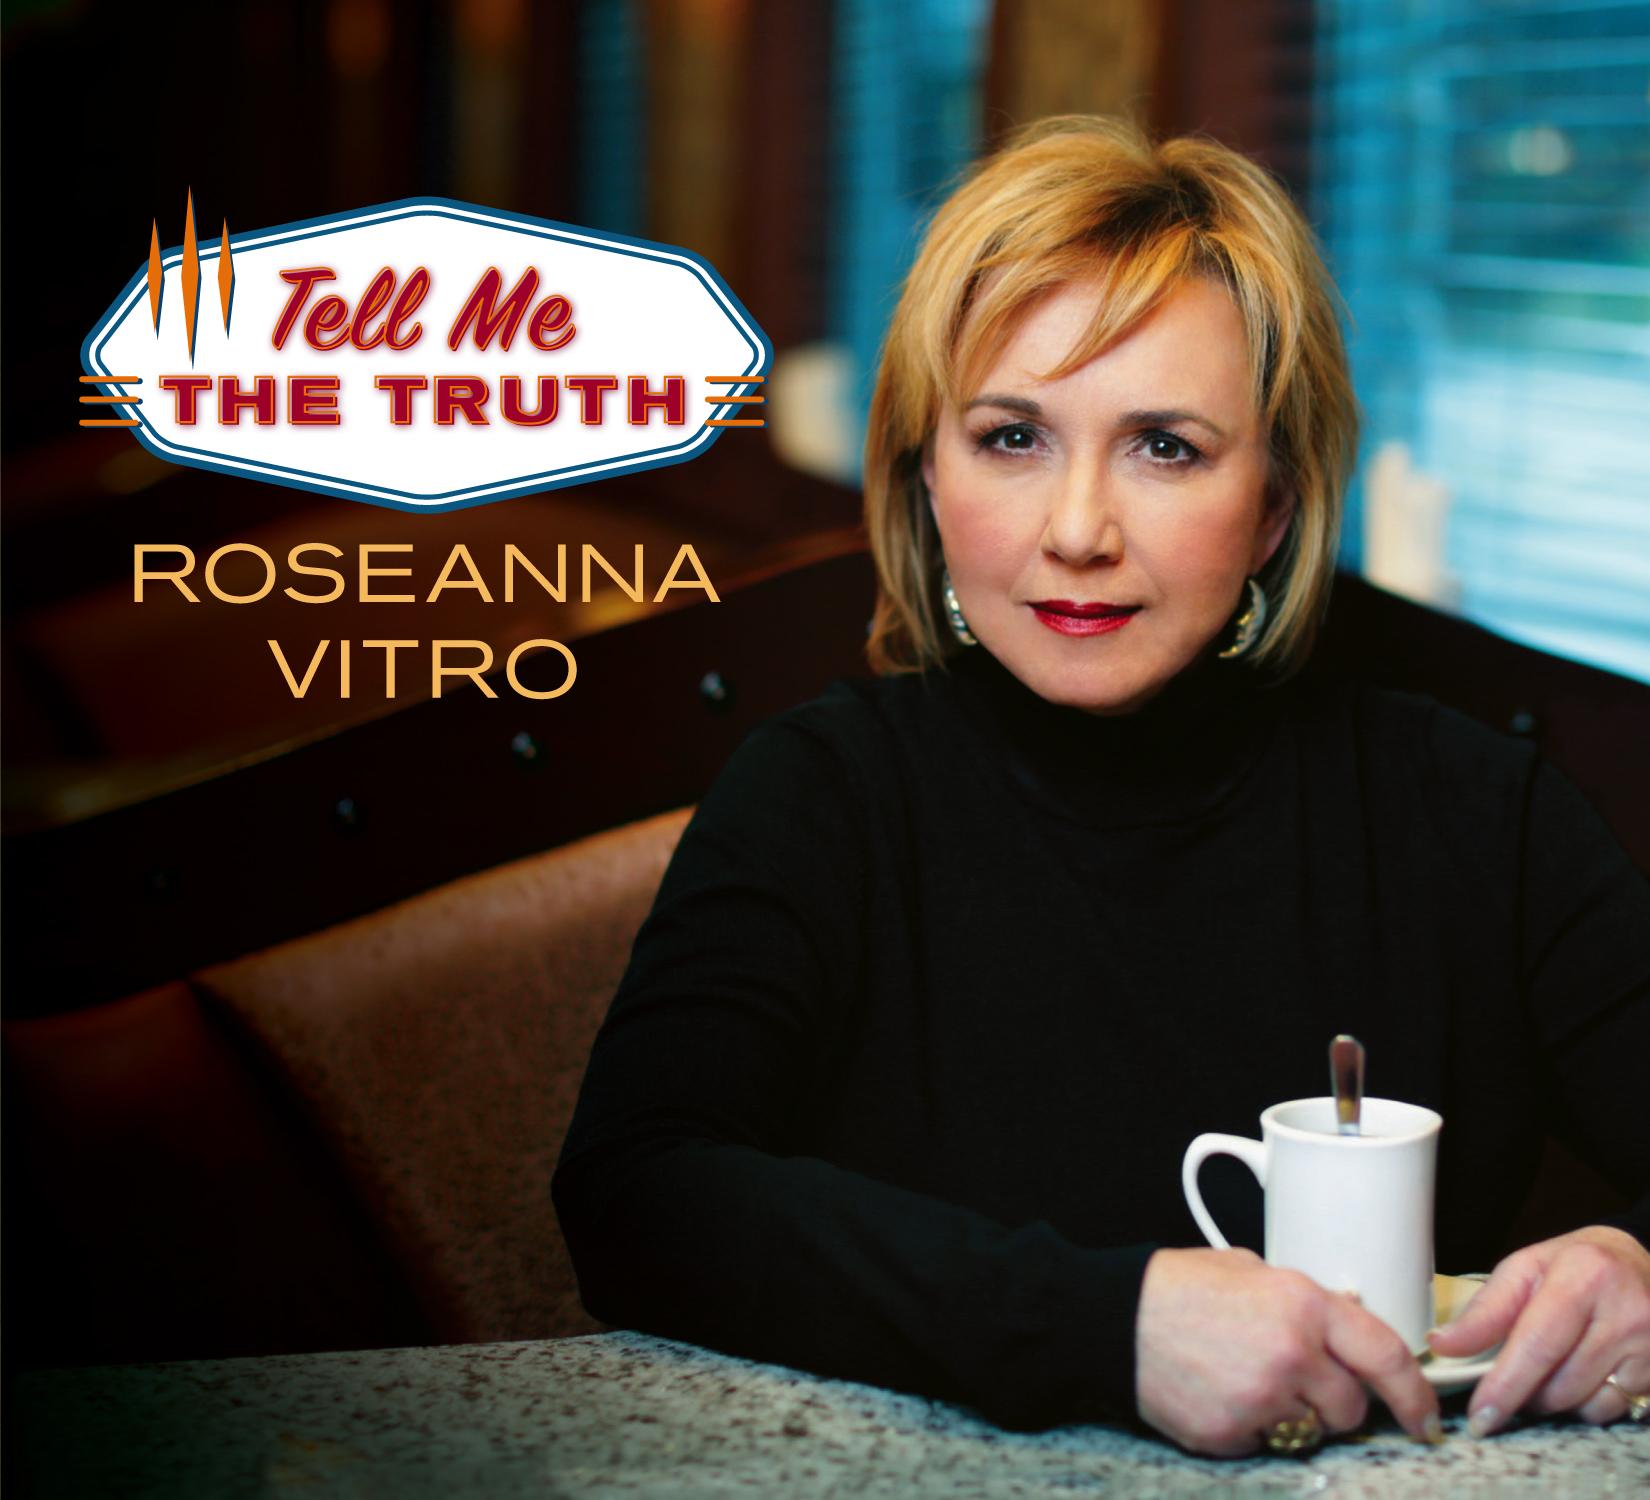 Roseanna Vitro Cd Release Party - Dallas